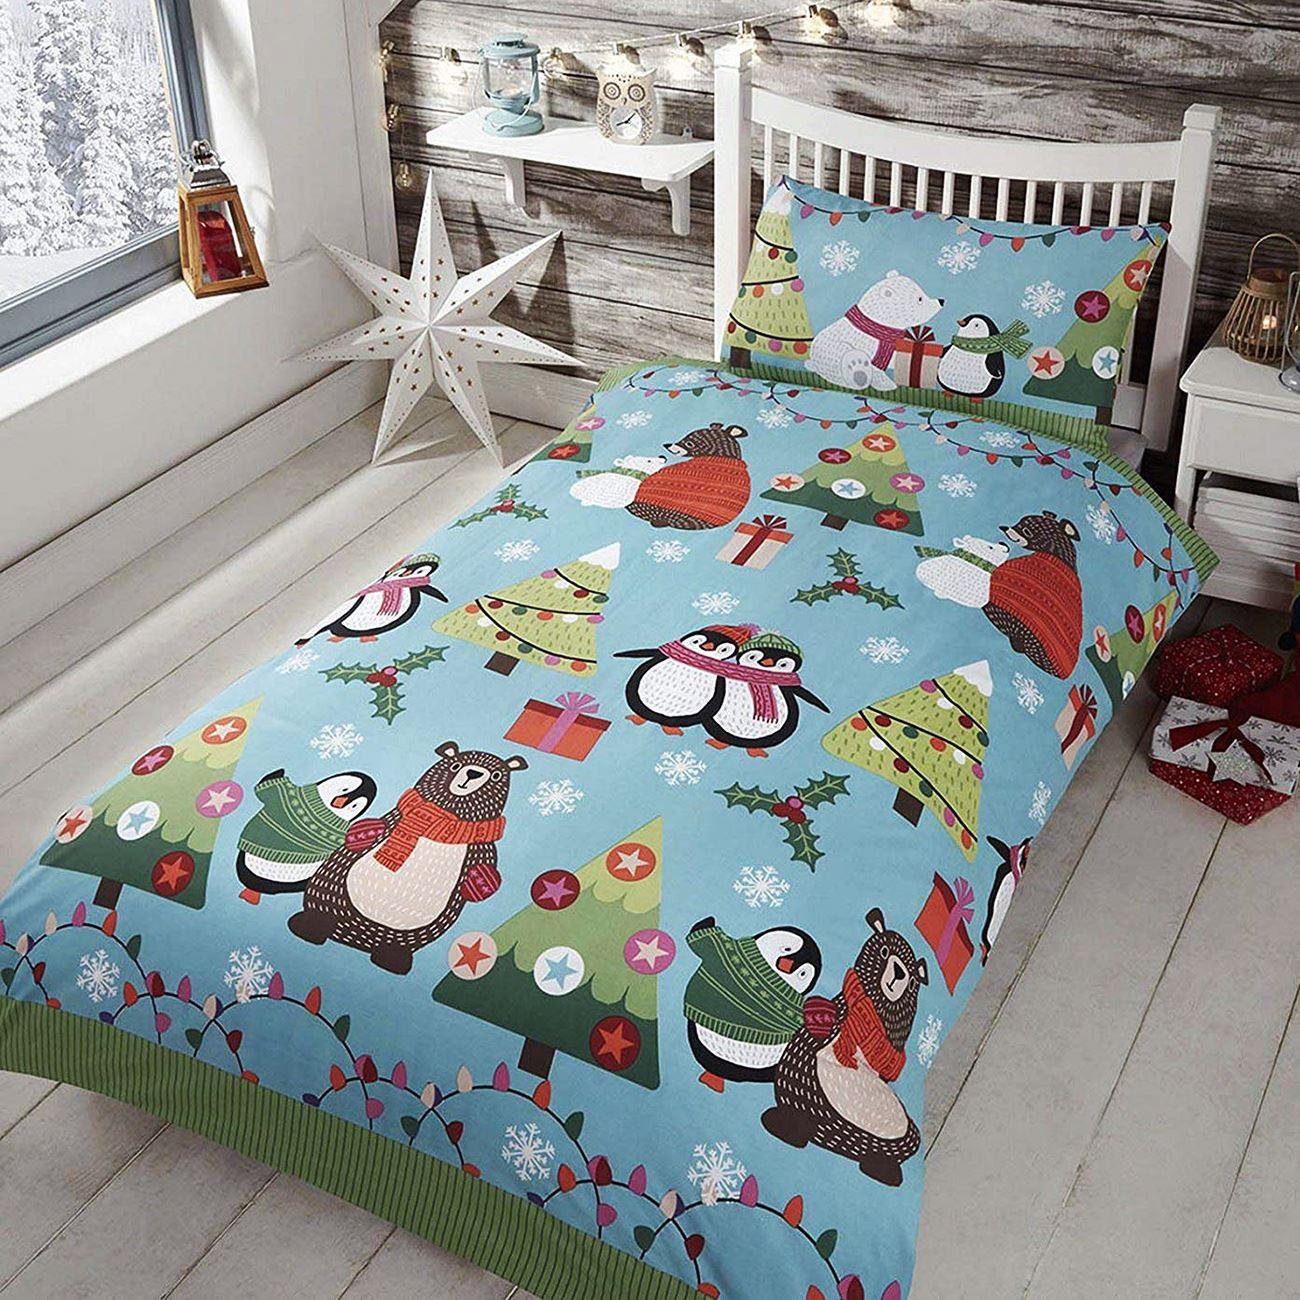 Indexbild 101 - Kinder Weihnachten Bettbezug Sets - Junior Einzel Doppel King - Elf Emoji Grinch